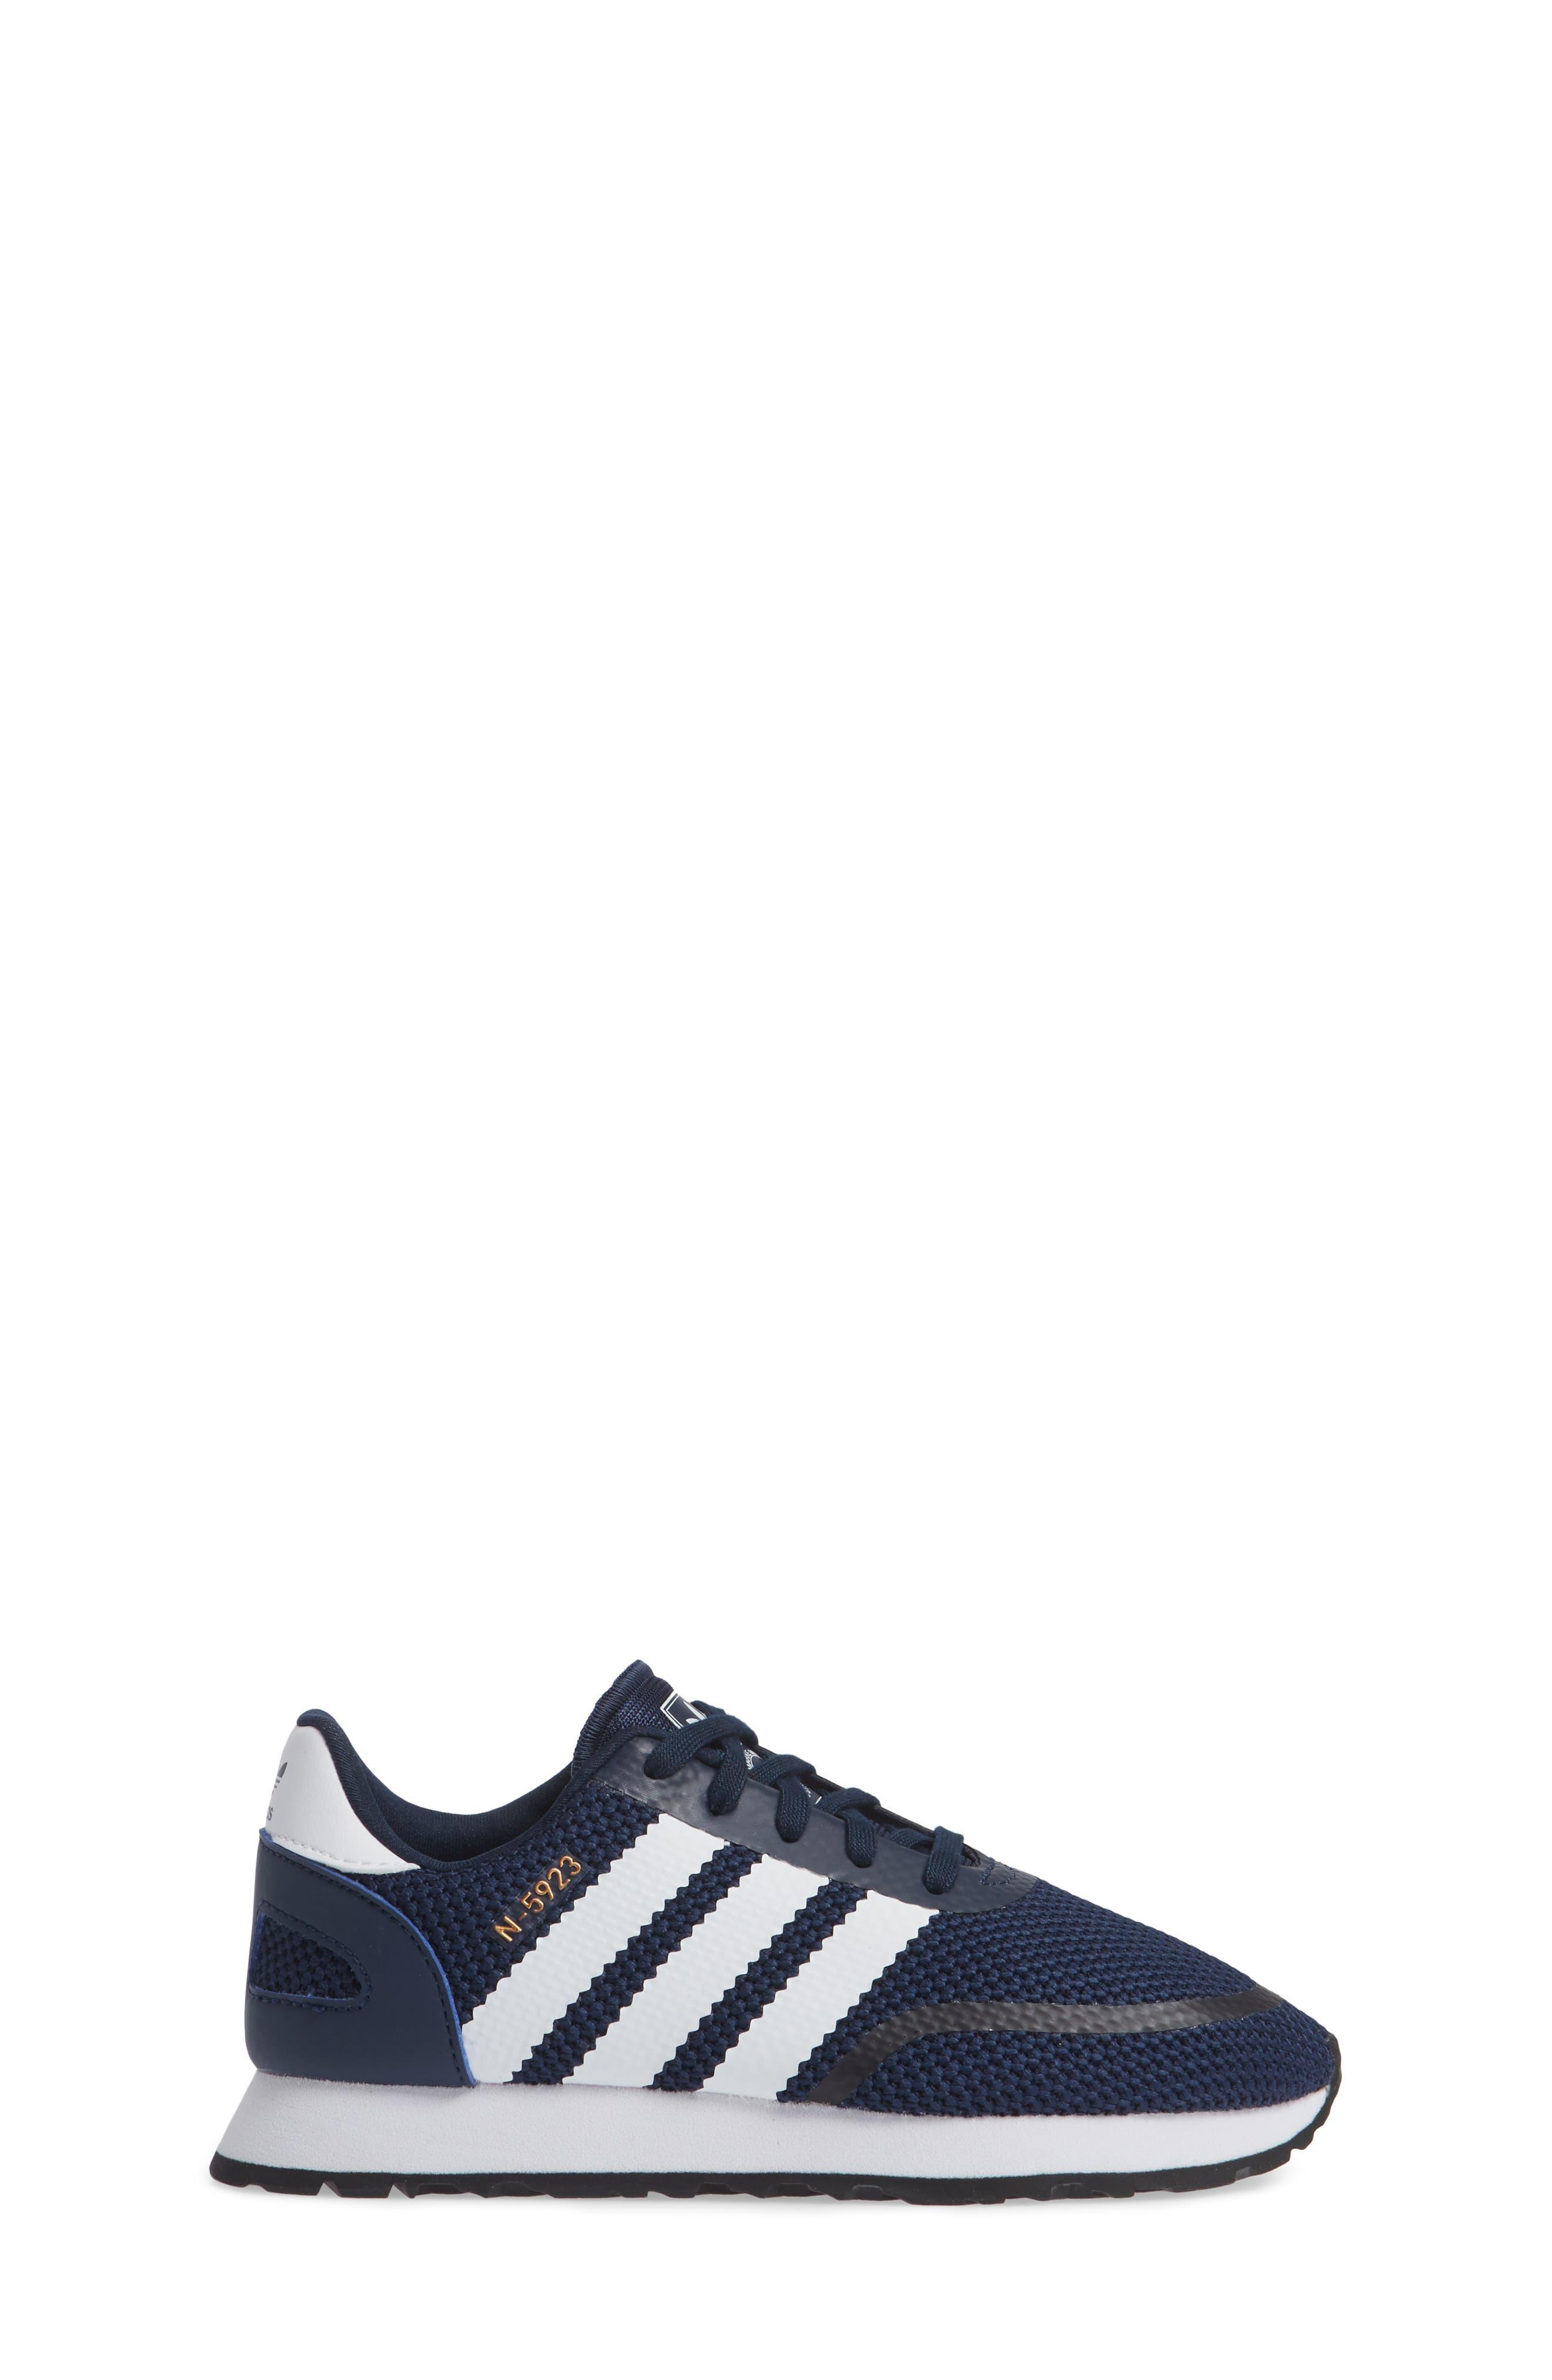 N-5923 Classic Sneaker,                             Alternate thumbnail 3, color,                             COLLEGIATE NAVY / WHITE